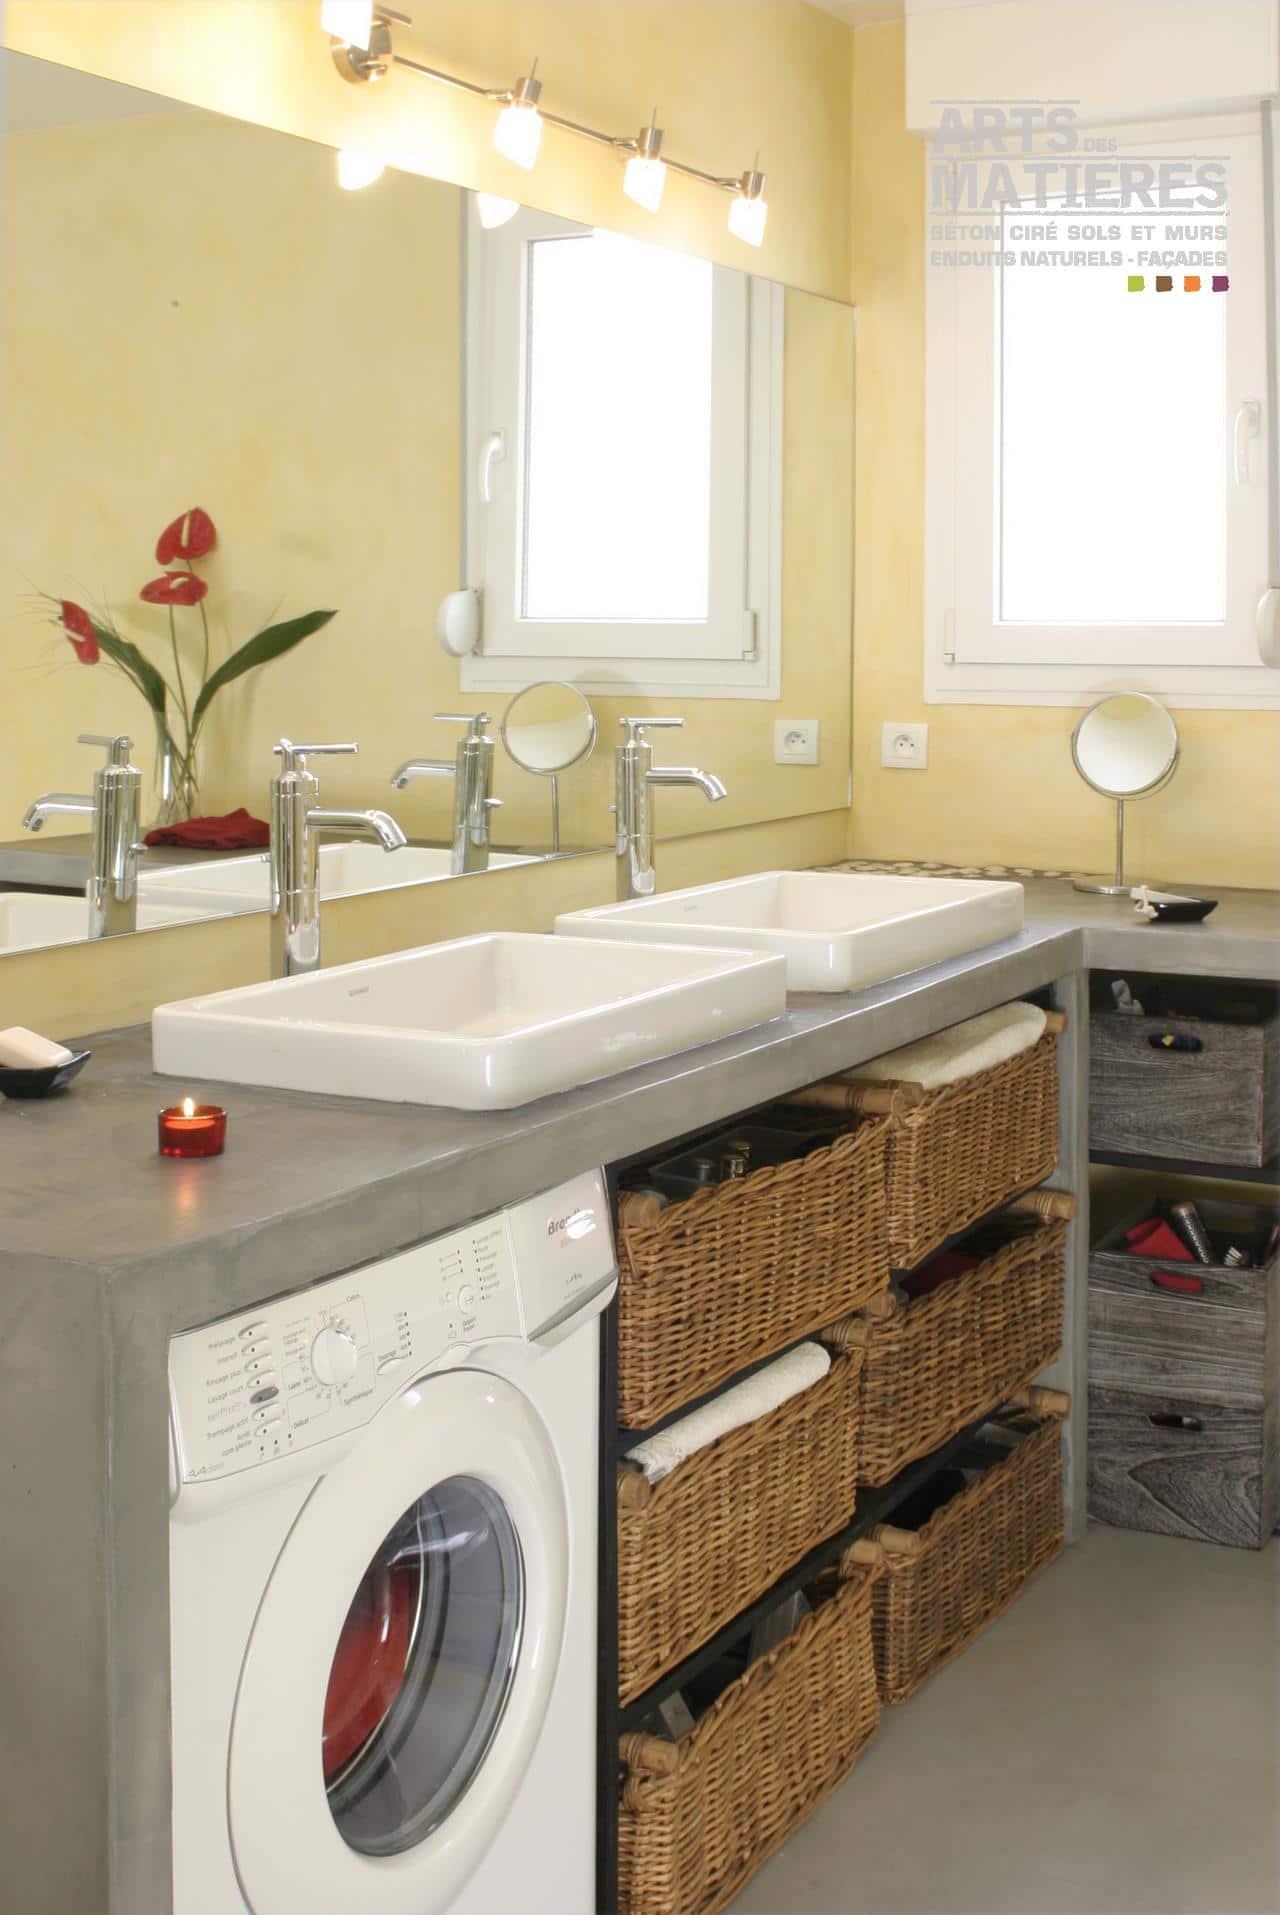 Plan De Toilette Salle De Bain plan de travail en b�ton cir� | b�ton cir� & enduits